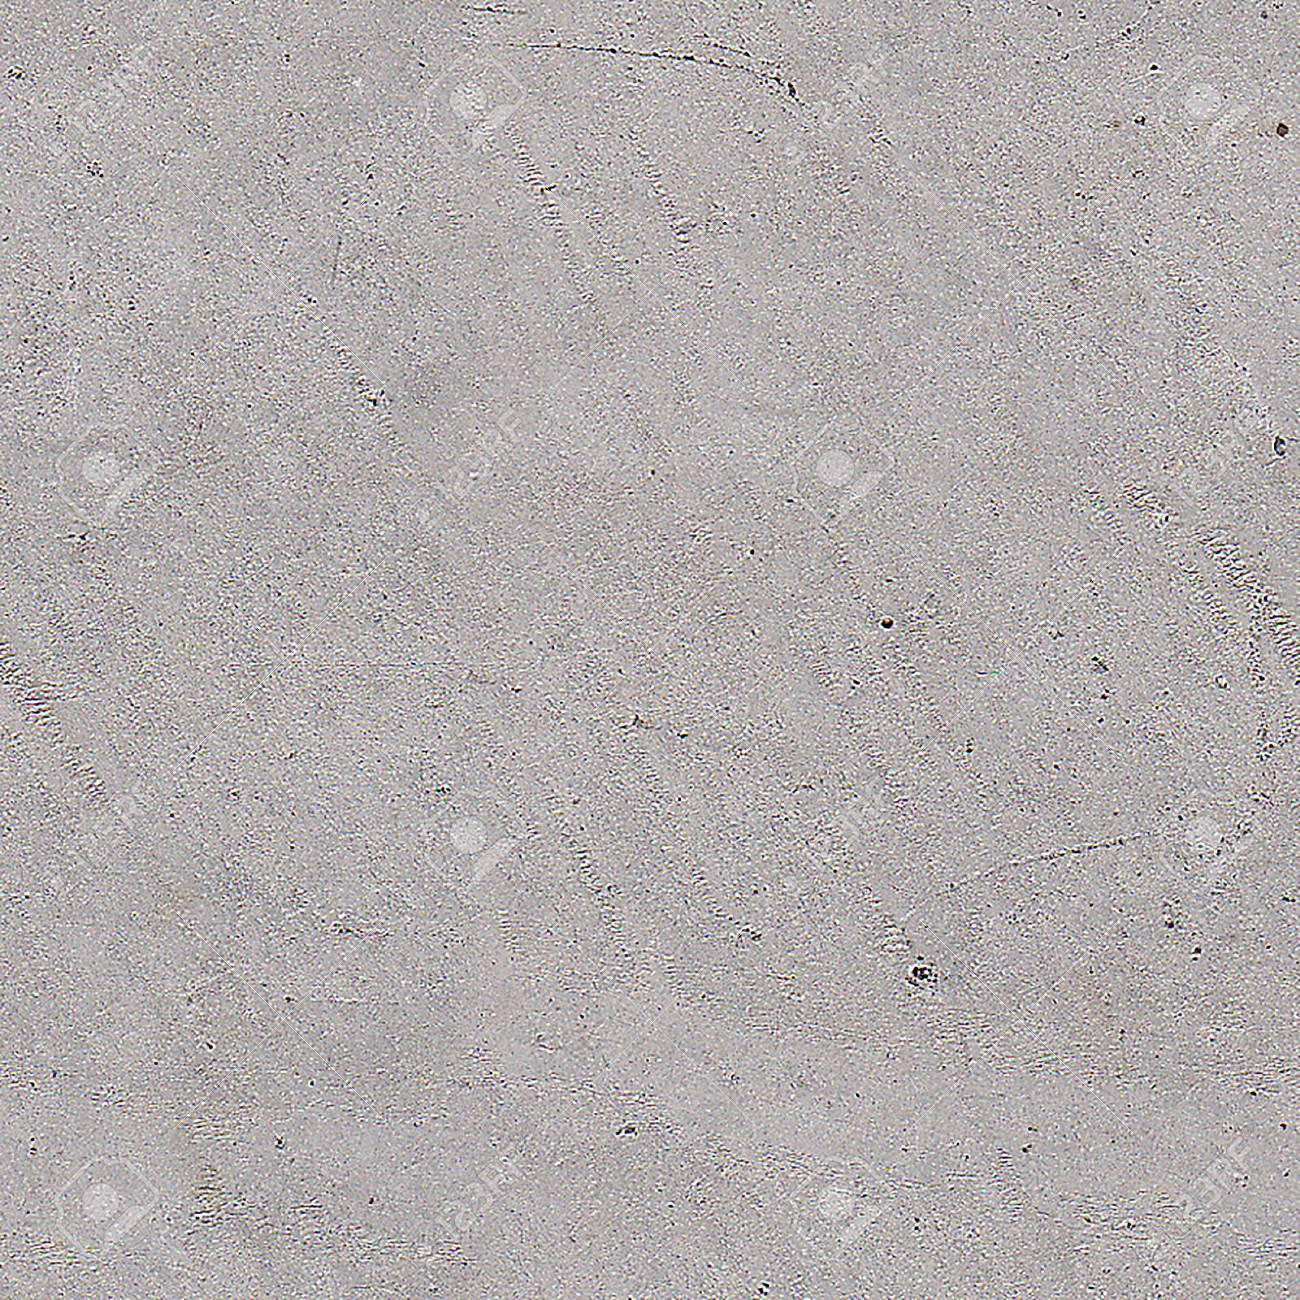 コンクリートの灰色の光の壁紙背景 の写真素材 画像素材 Image